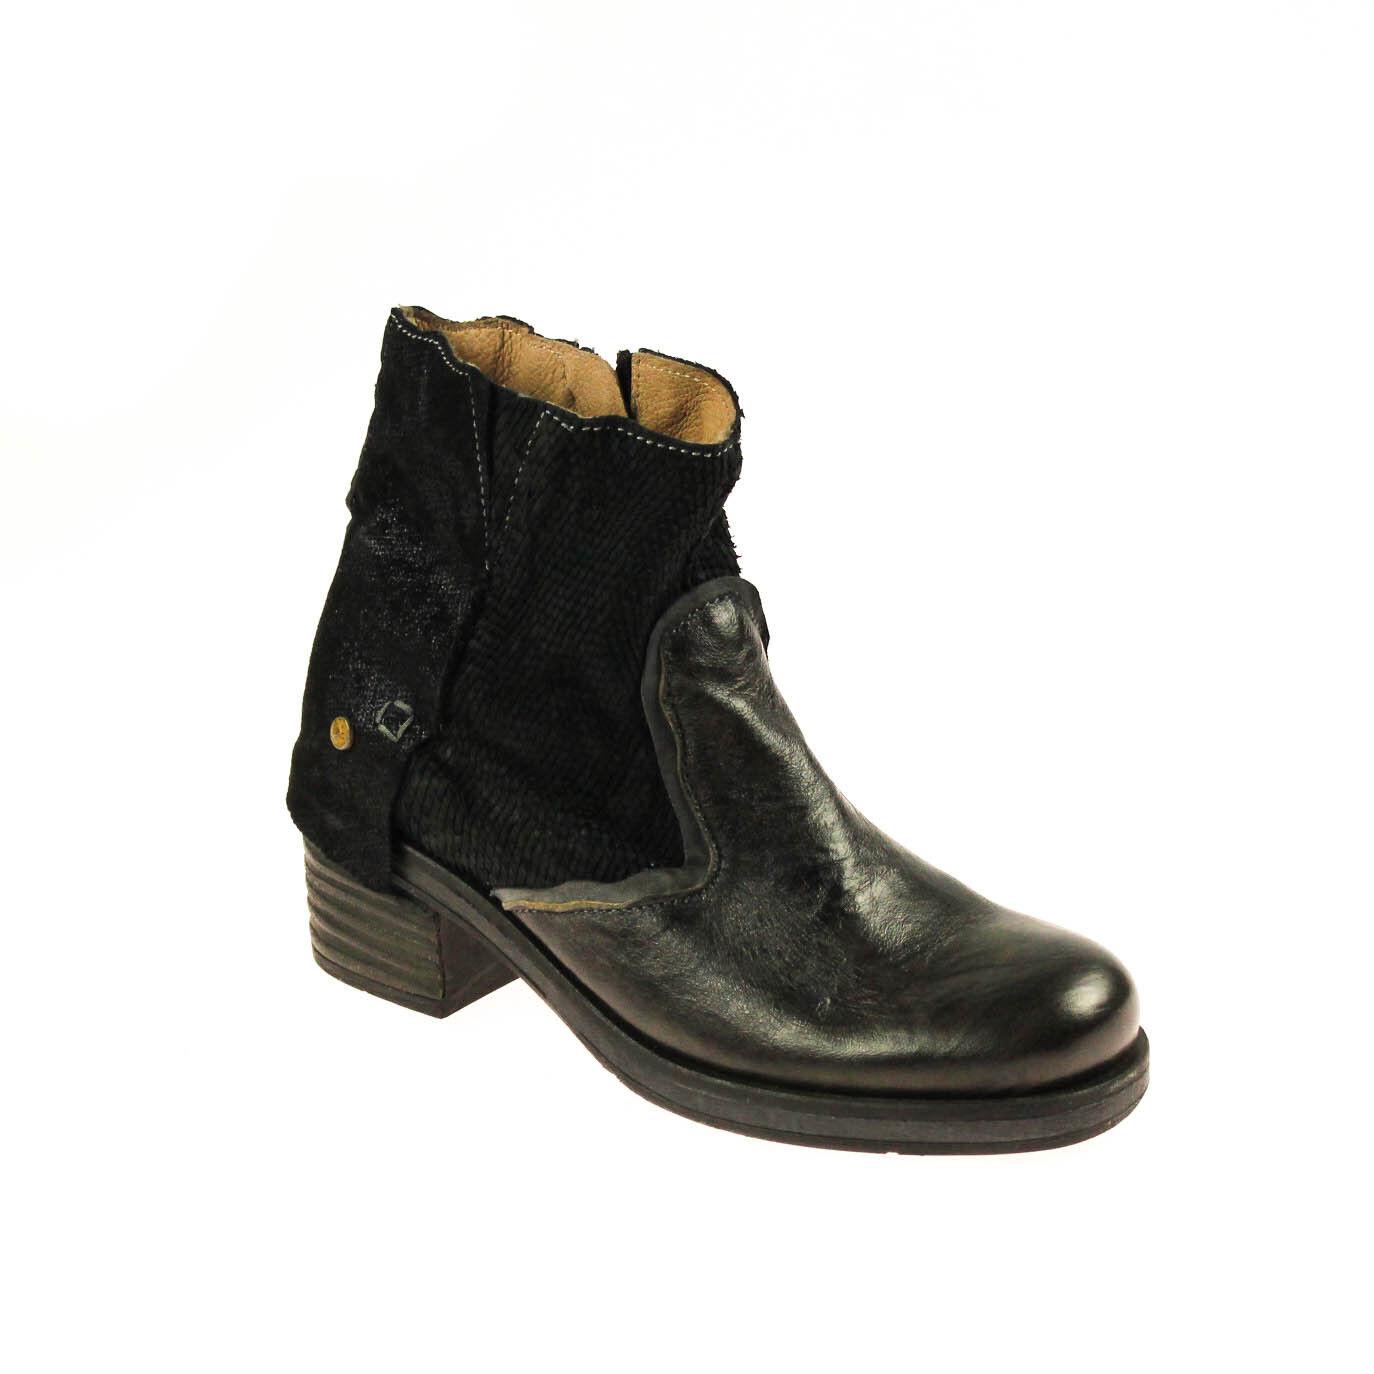 Encanto señora botín semi zapato de de zapato cuero marrón negro multicolor 509612